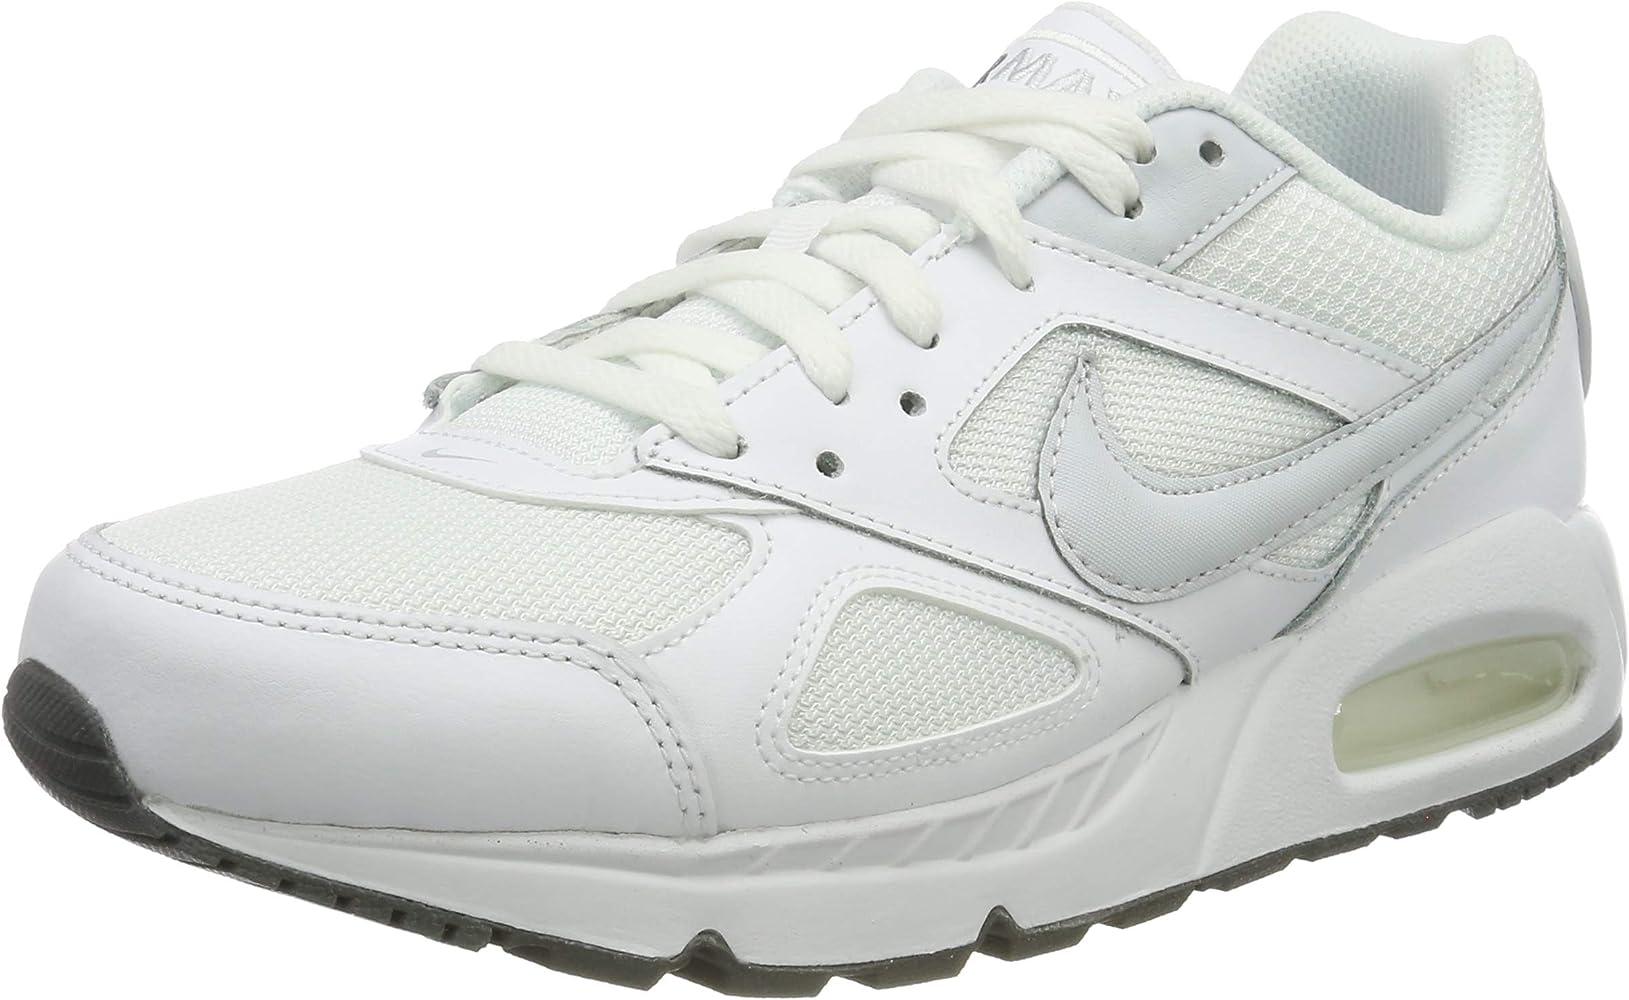 site réputé 13e8e 73343 Nike WMNS AIR Max IVO, Baskets Femme, (Blanc/Gris Froid ...